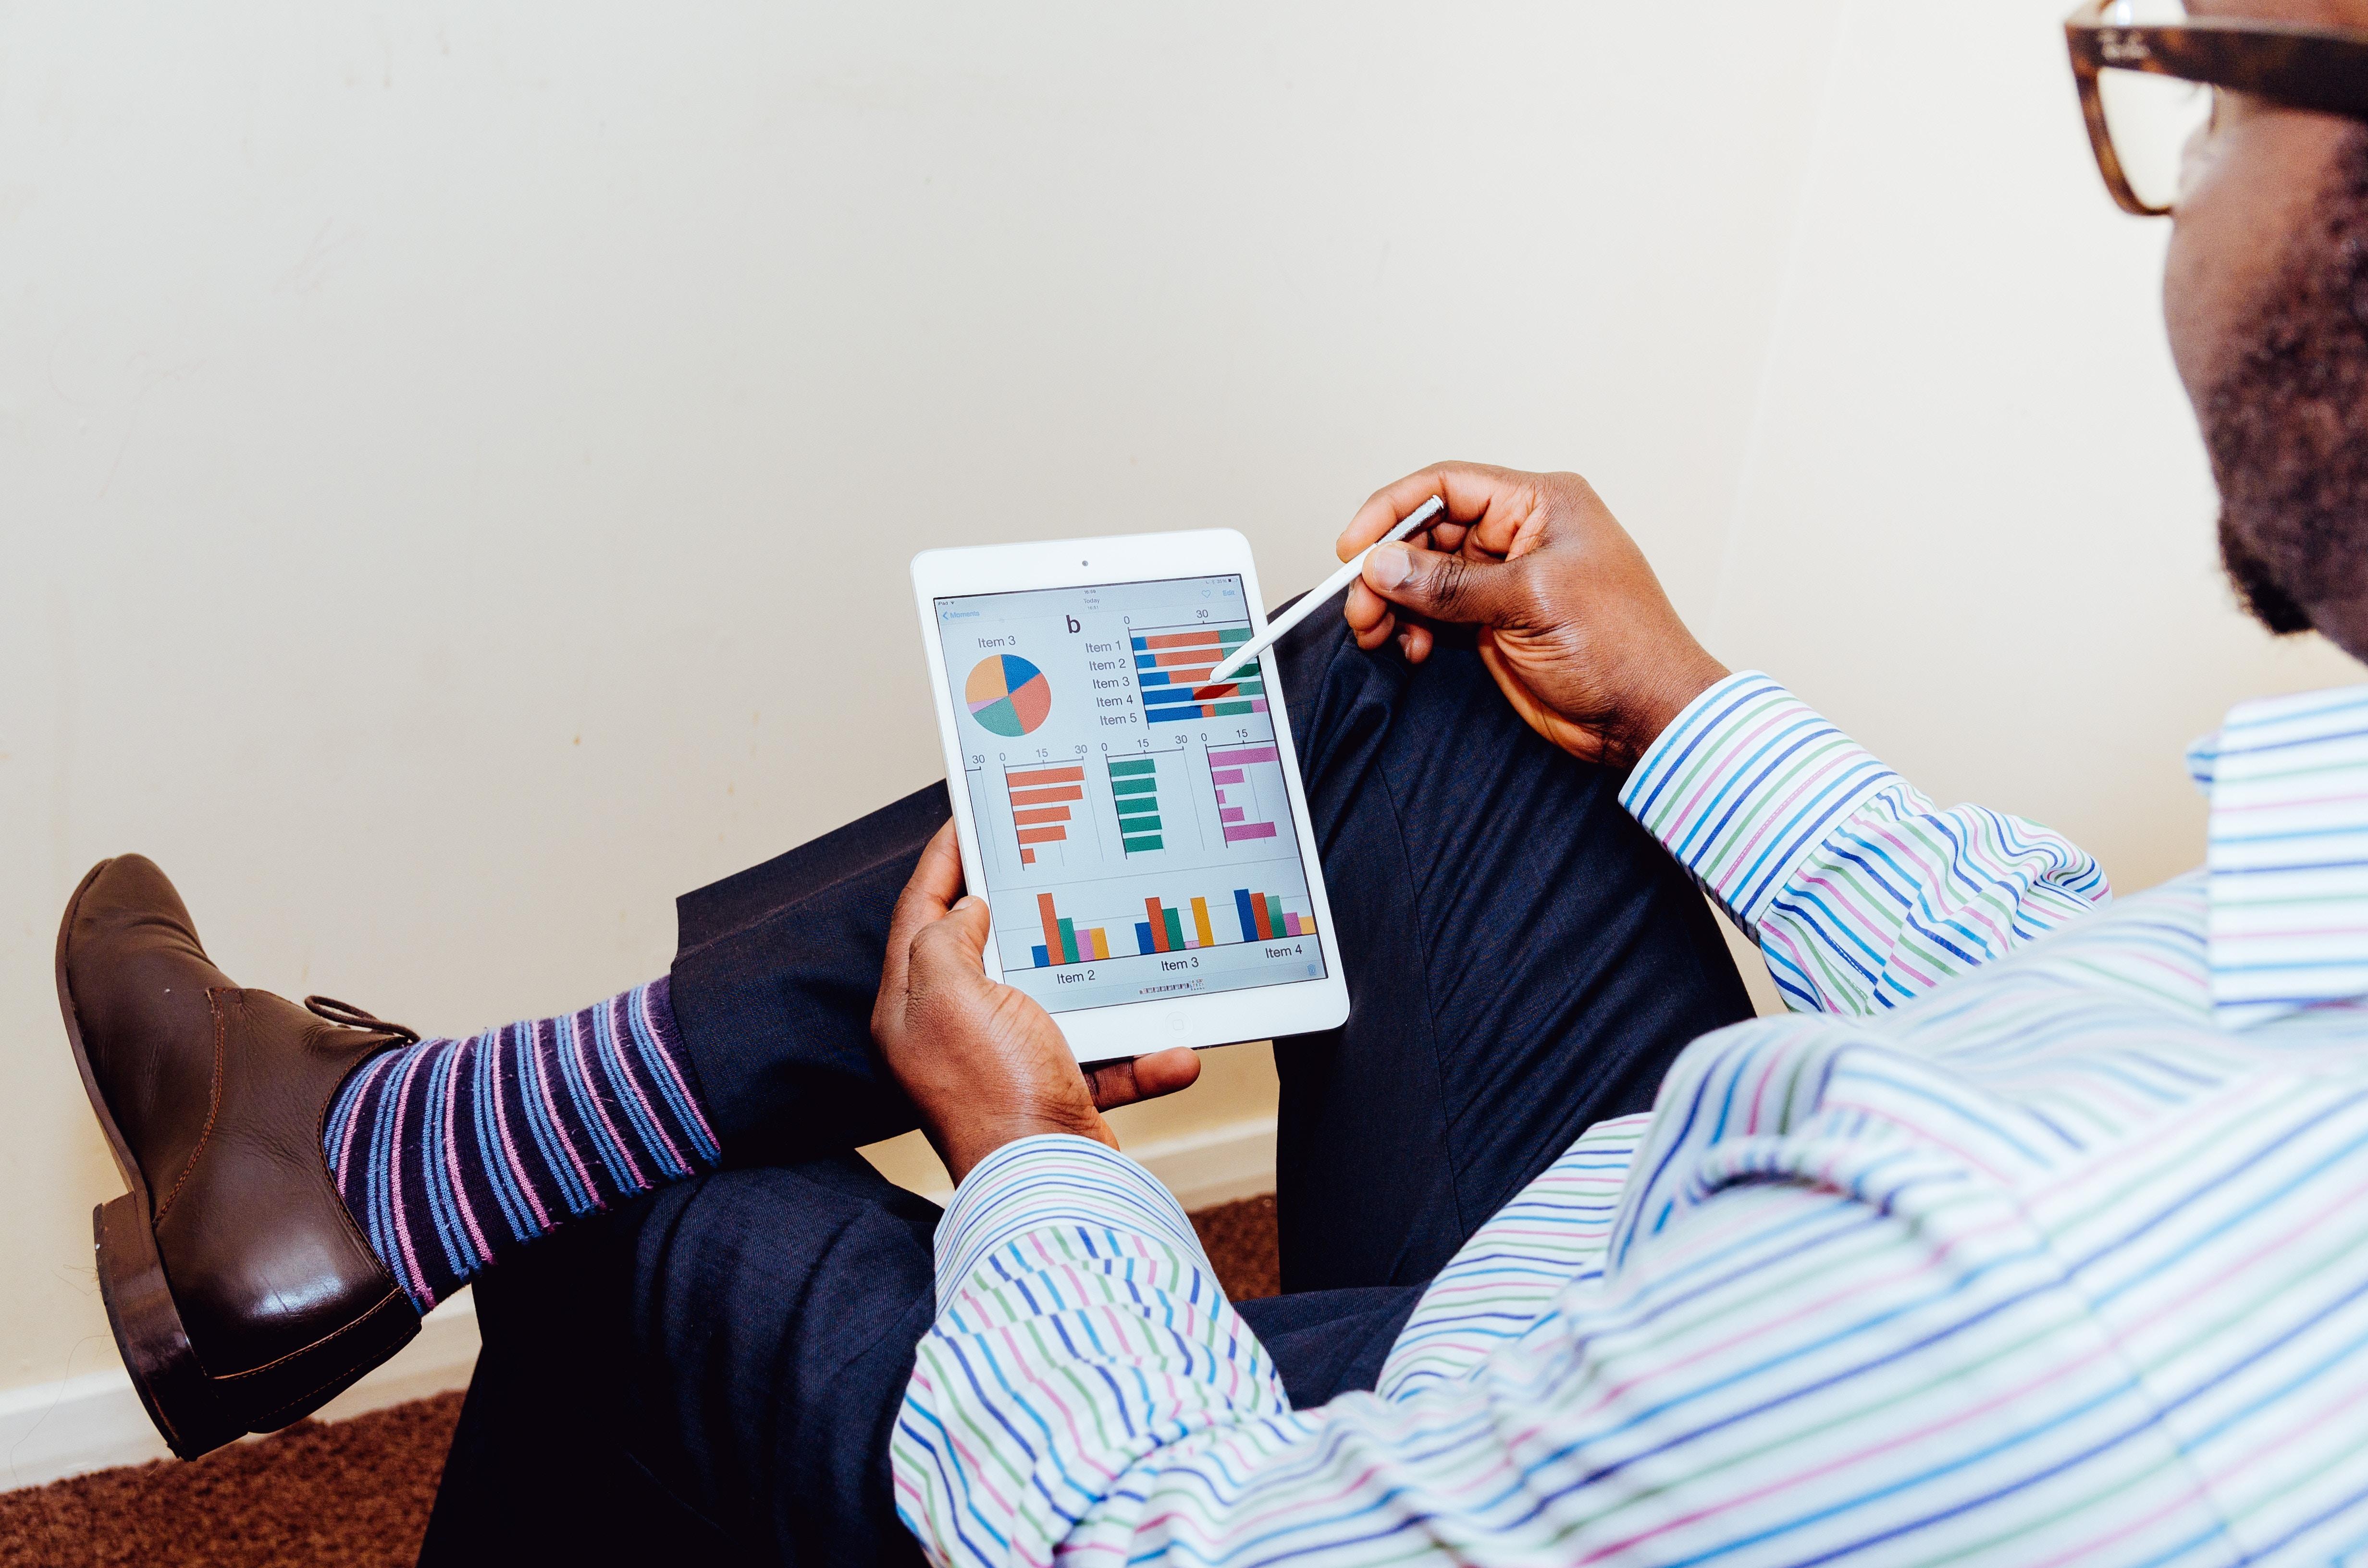 Galimybės, kurias verslui atveria didieji duomenys: pamatyti daugiau, įžvelgti tiksliau